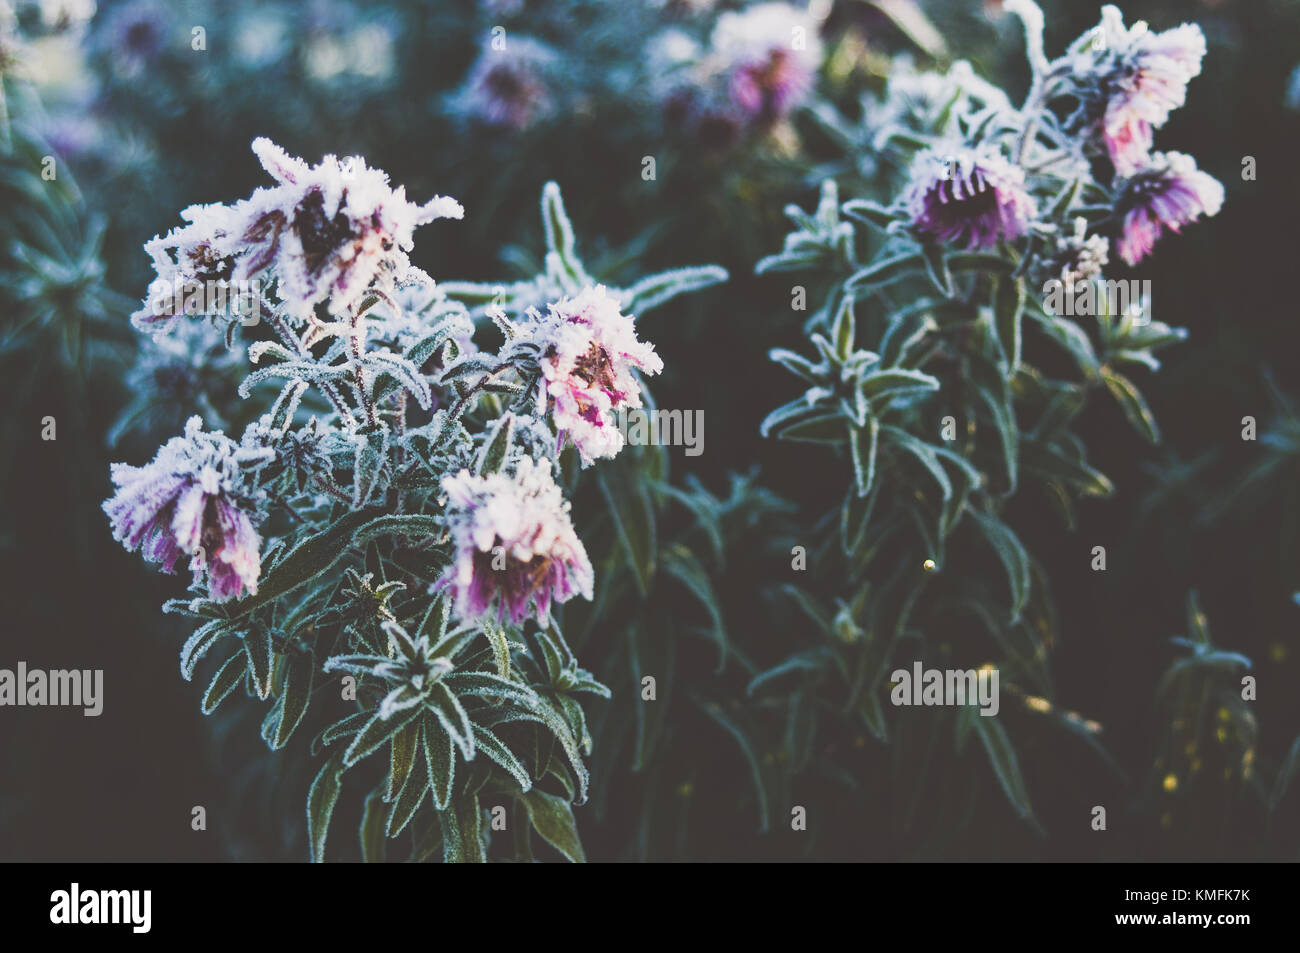 Morning light. Aster in the garden. - Stock Image